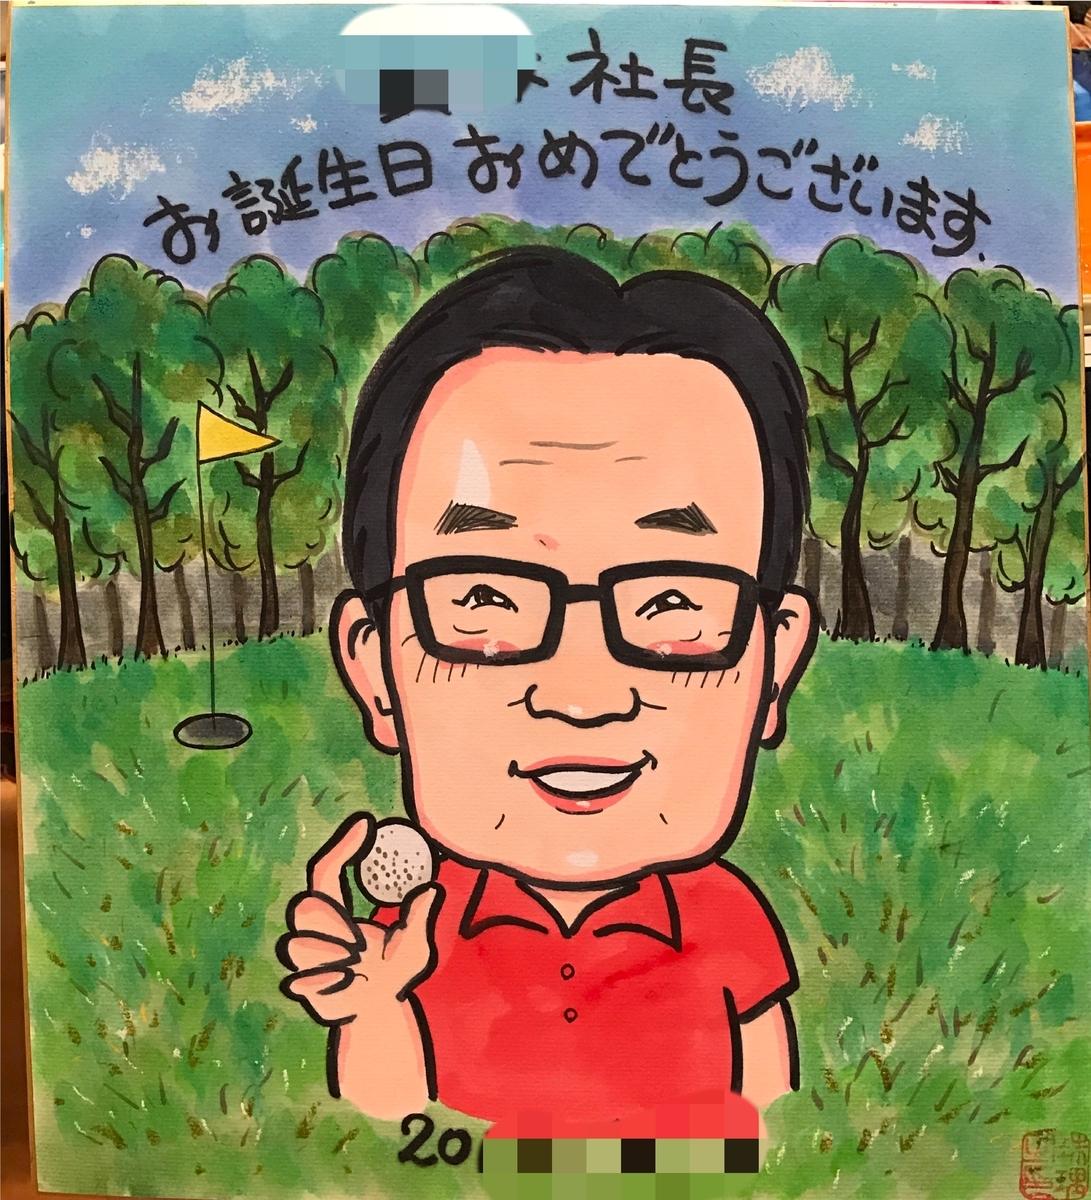 似顔絵ギフト 北海道札幌の似顔絵作家高井じゅり 似顔絵ファクトリー